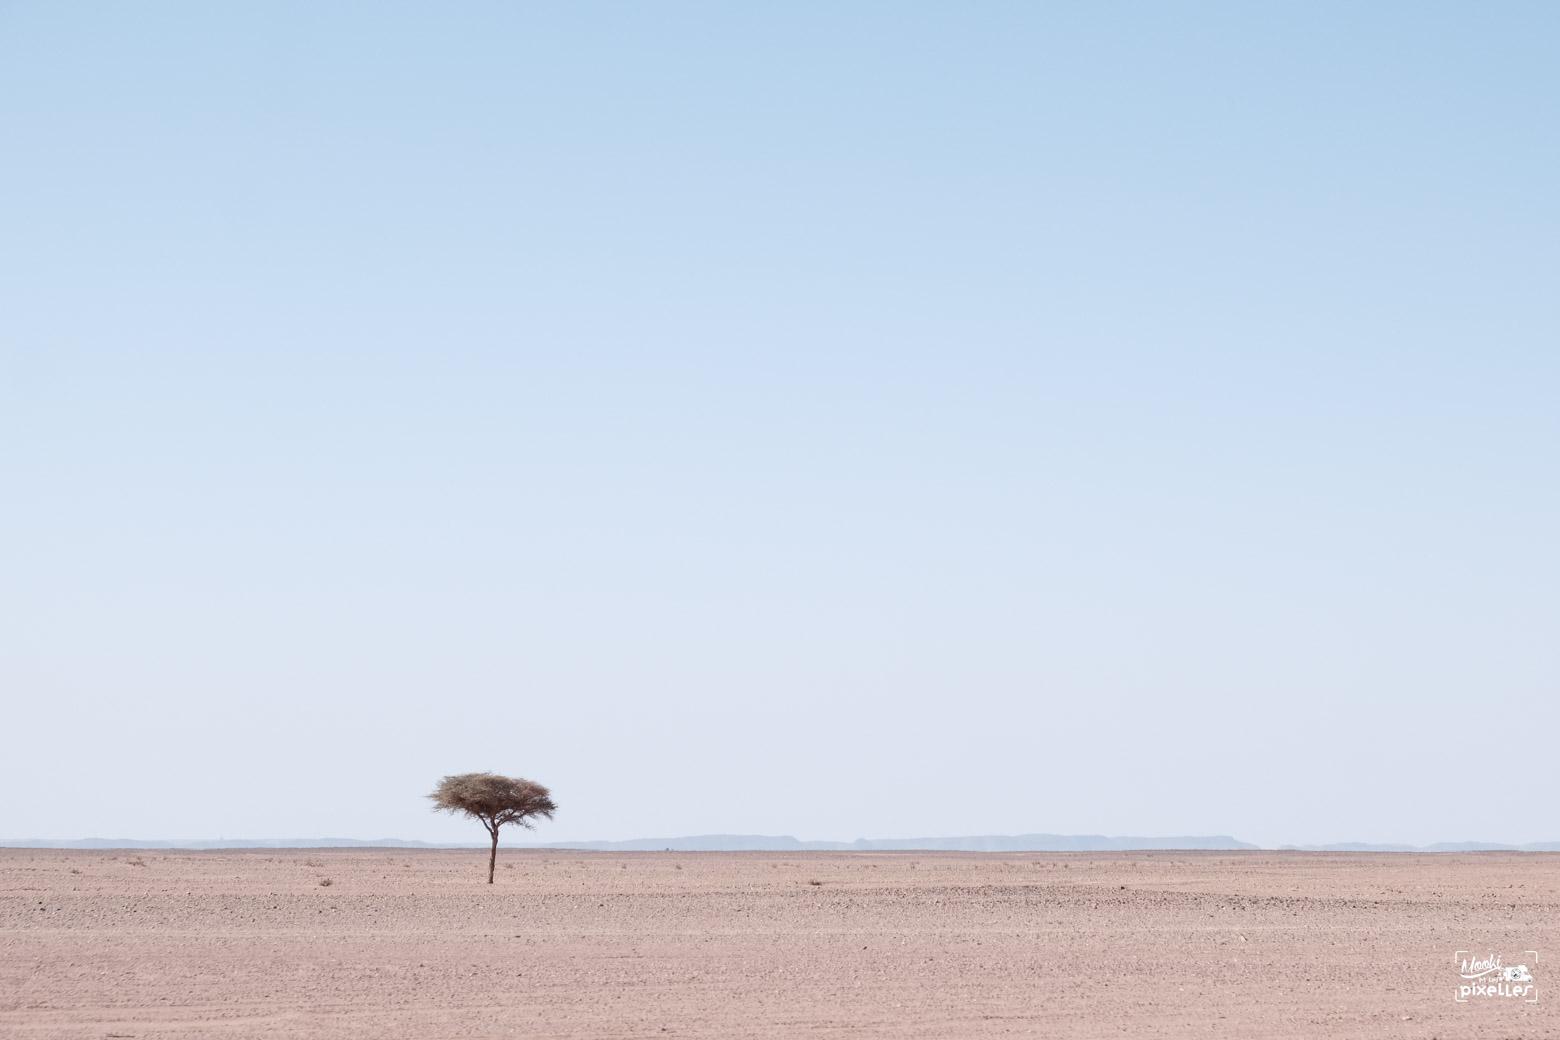 l'arbre solitaire au milieu du désert au Maroc